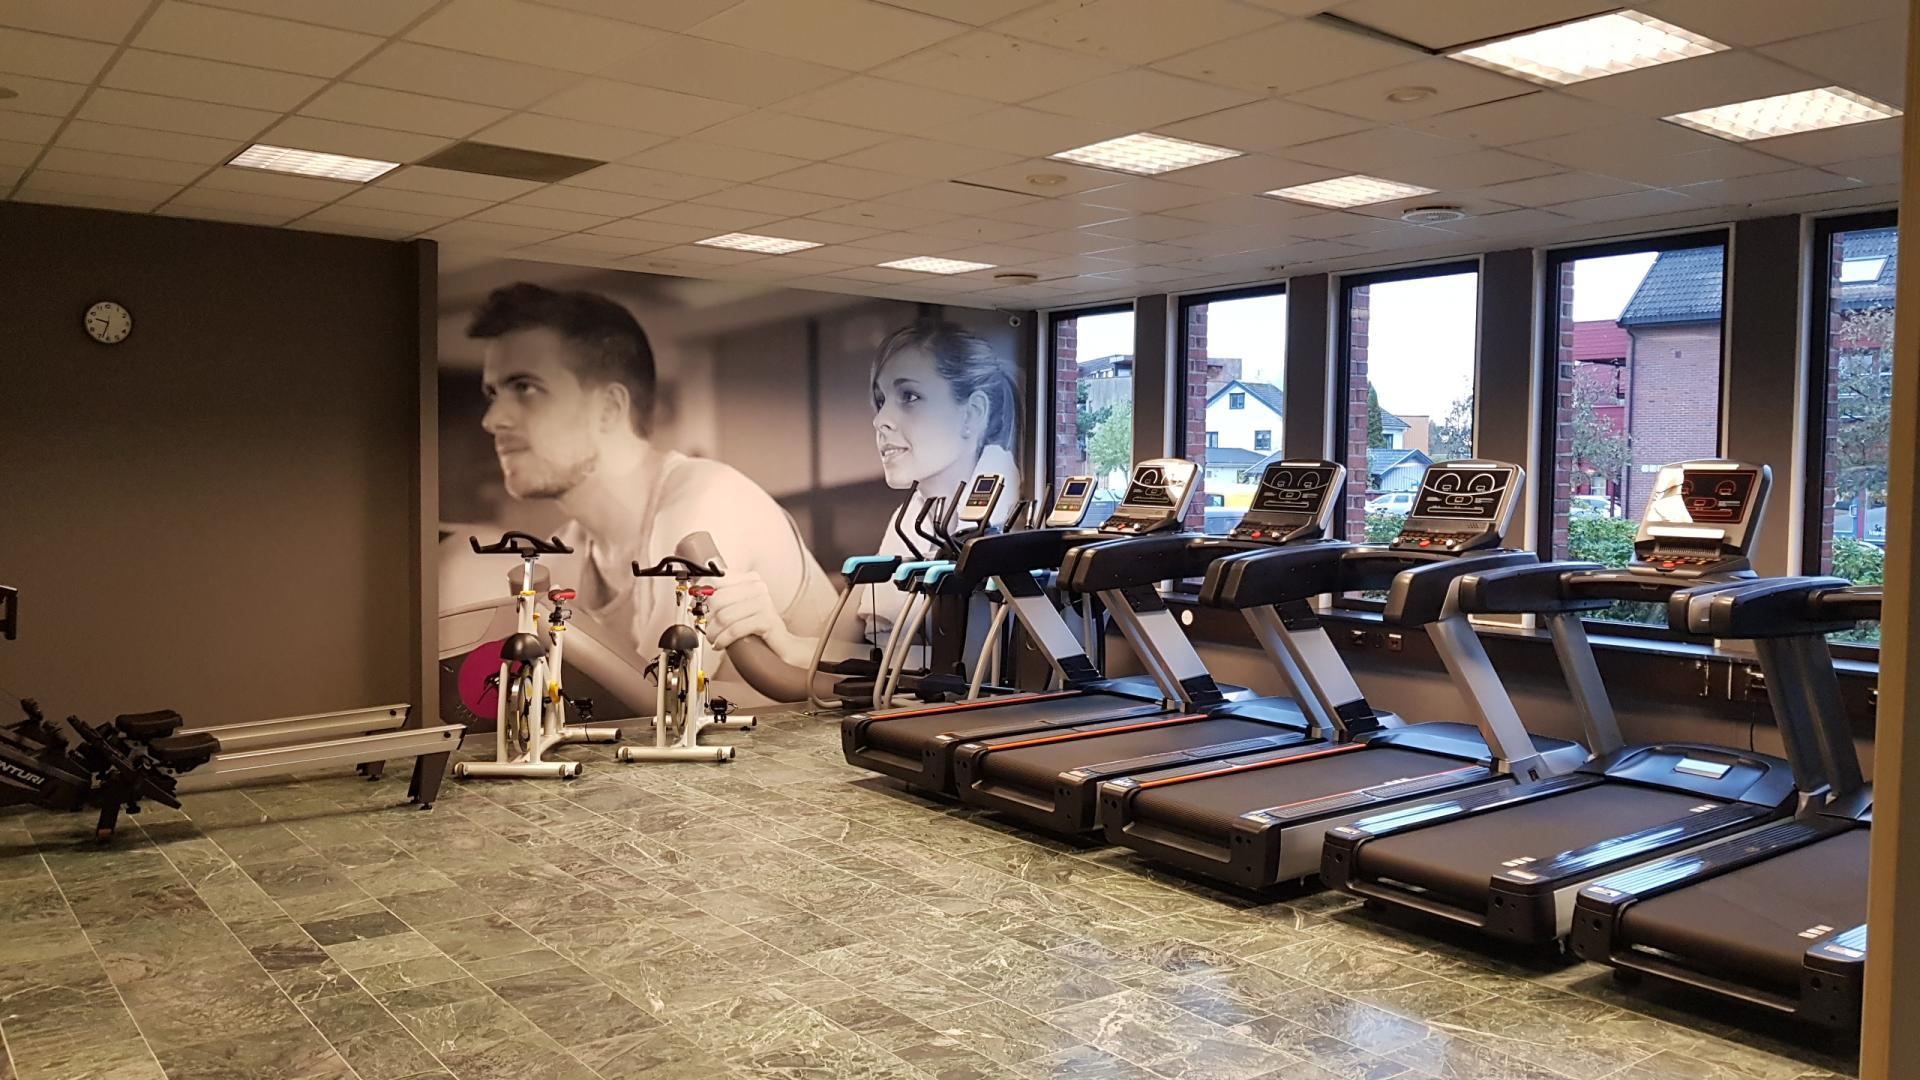 fitnesspoint-stjordal-header-image